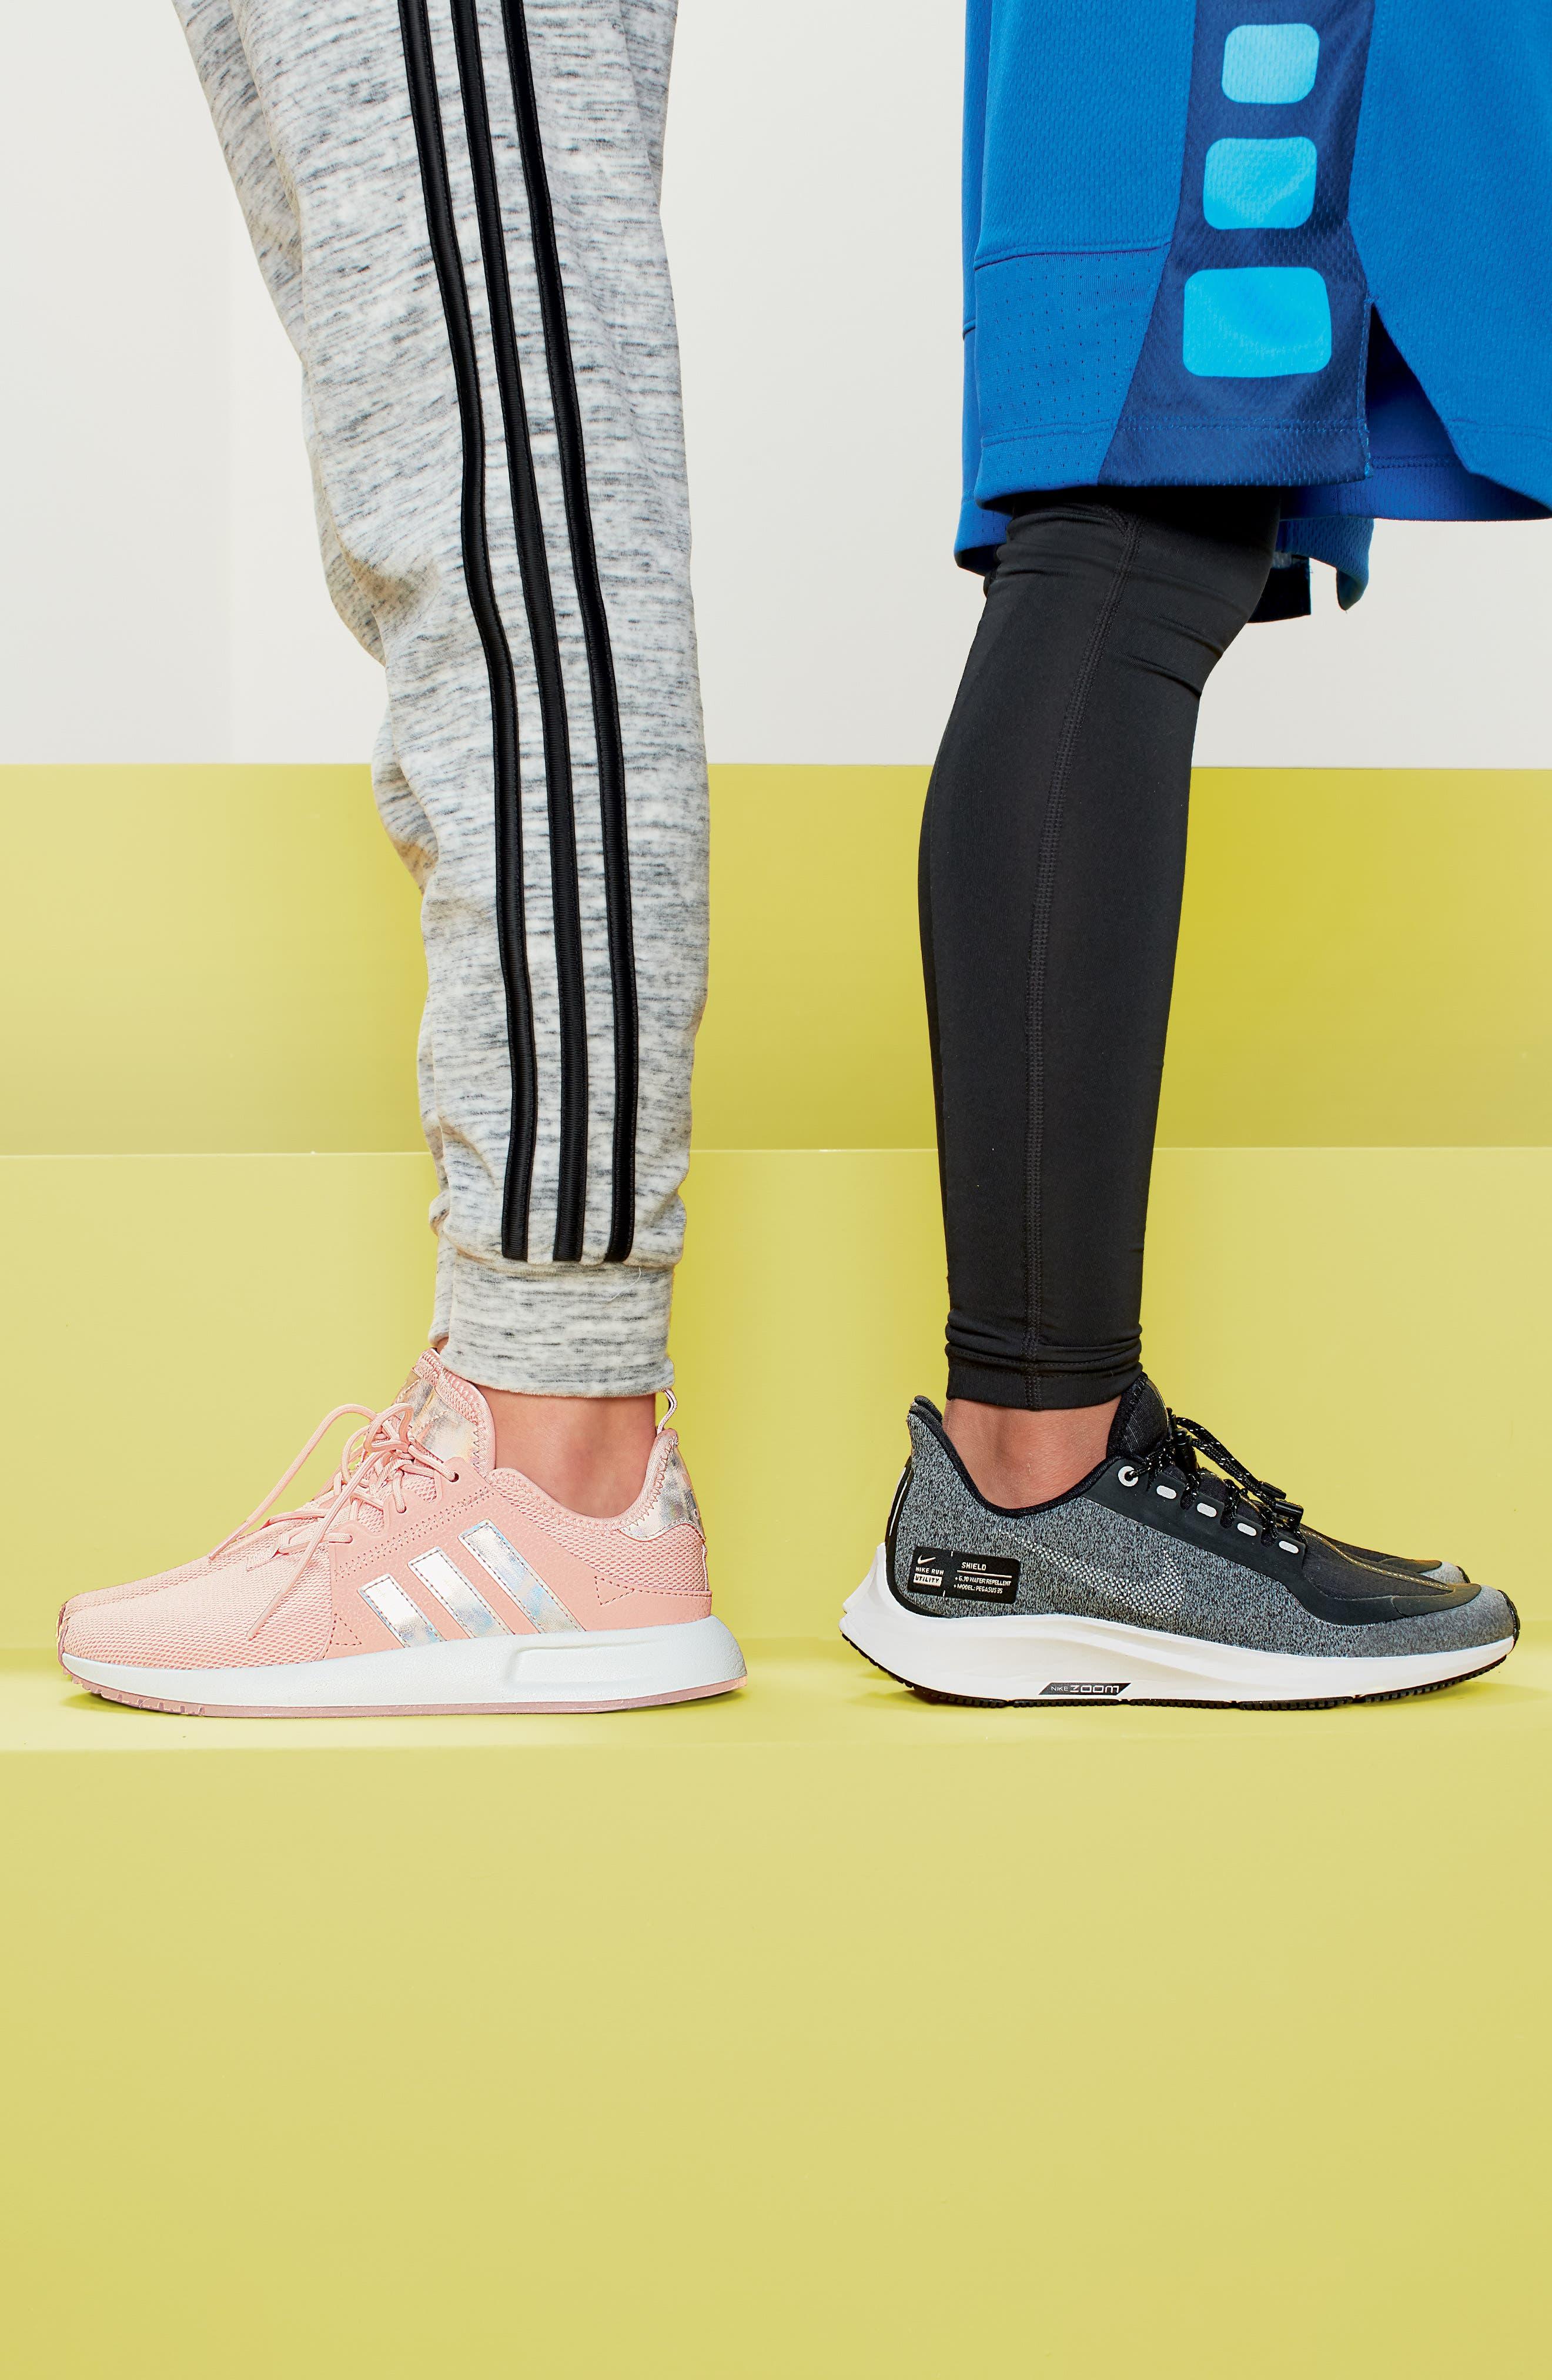 Toddler Adidas X Plr Sneaker Size 7 M  Pink